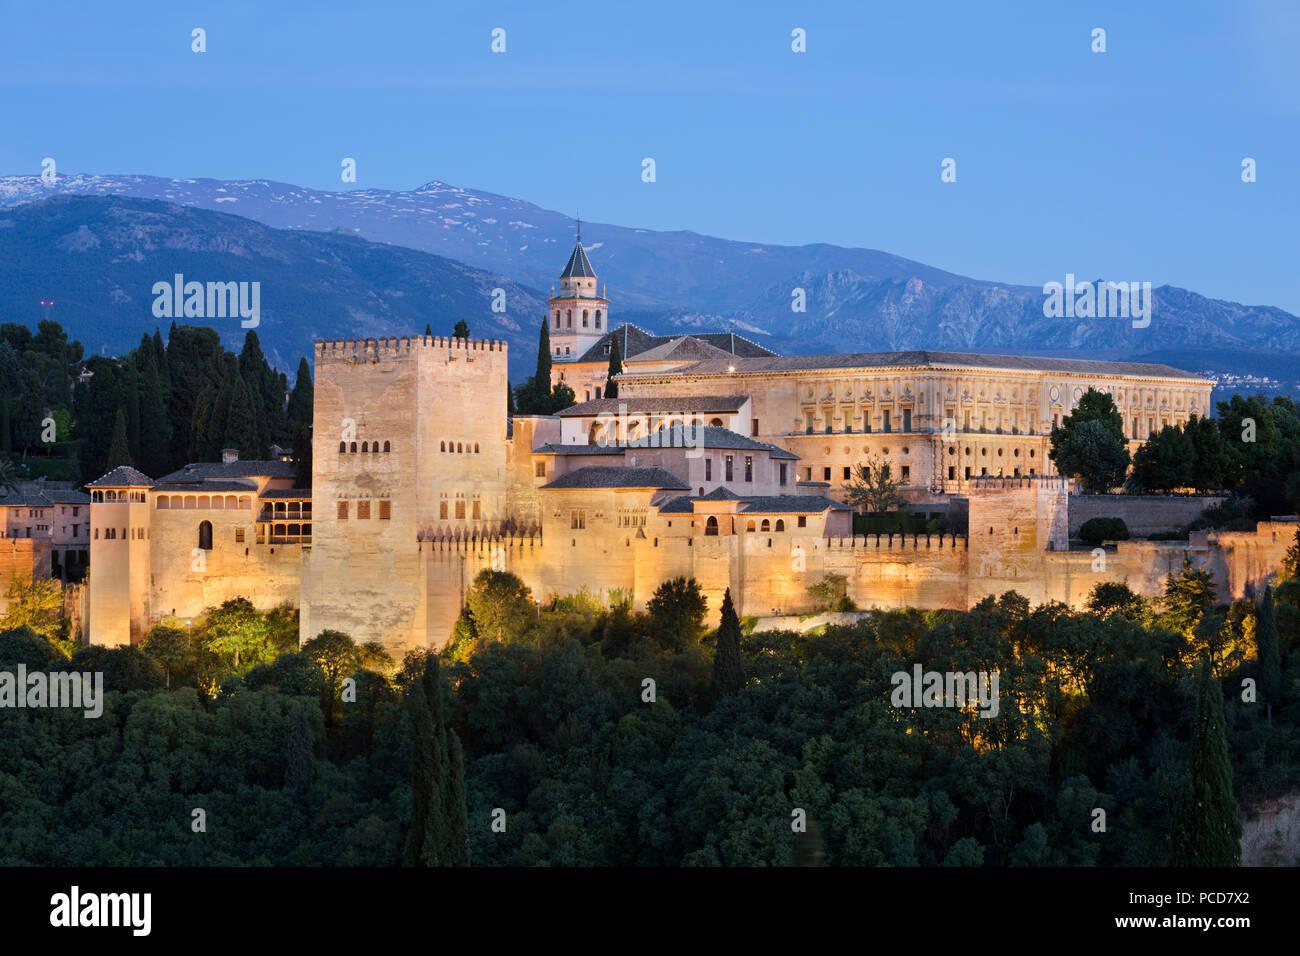 L'Alhambra, Site du patrimoine mondial de l'UNESCO, et les montagnes de la Sierra Nevada de Mirador de San Nicolas, Grenade, Andalousie, Espagne, Europe Photo Stock